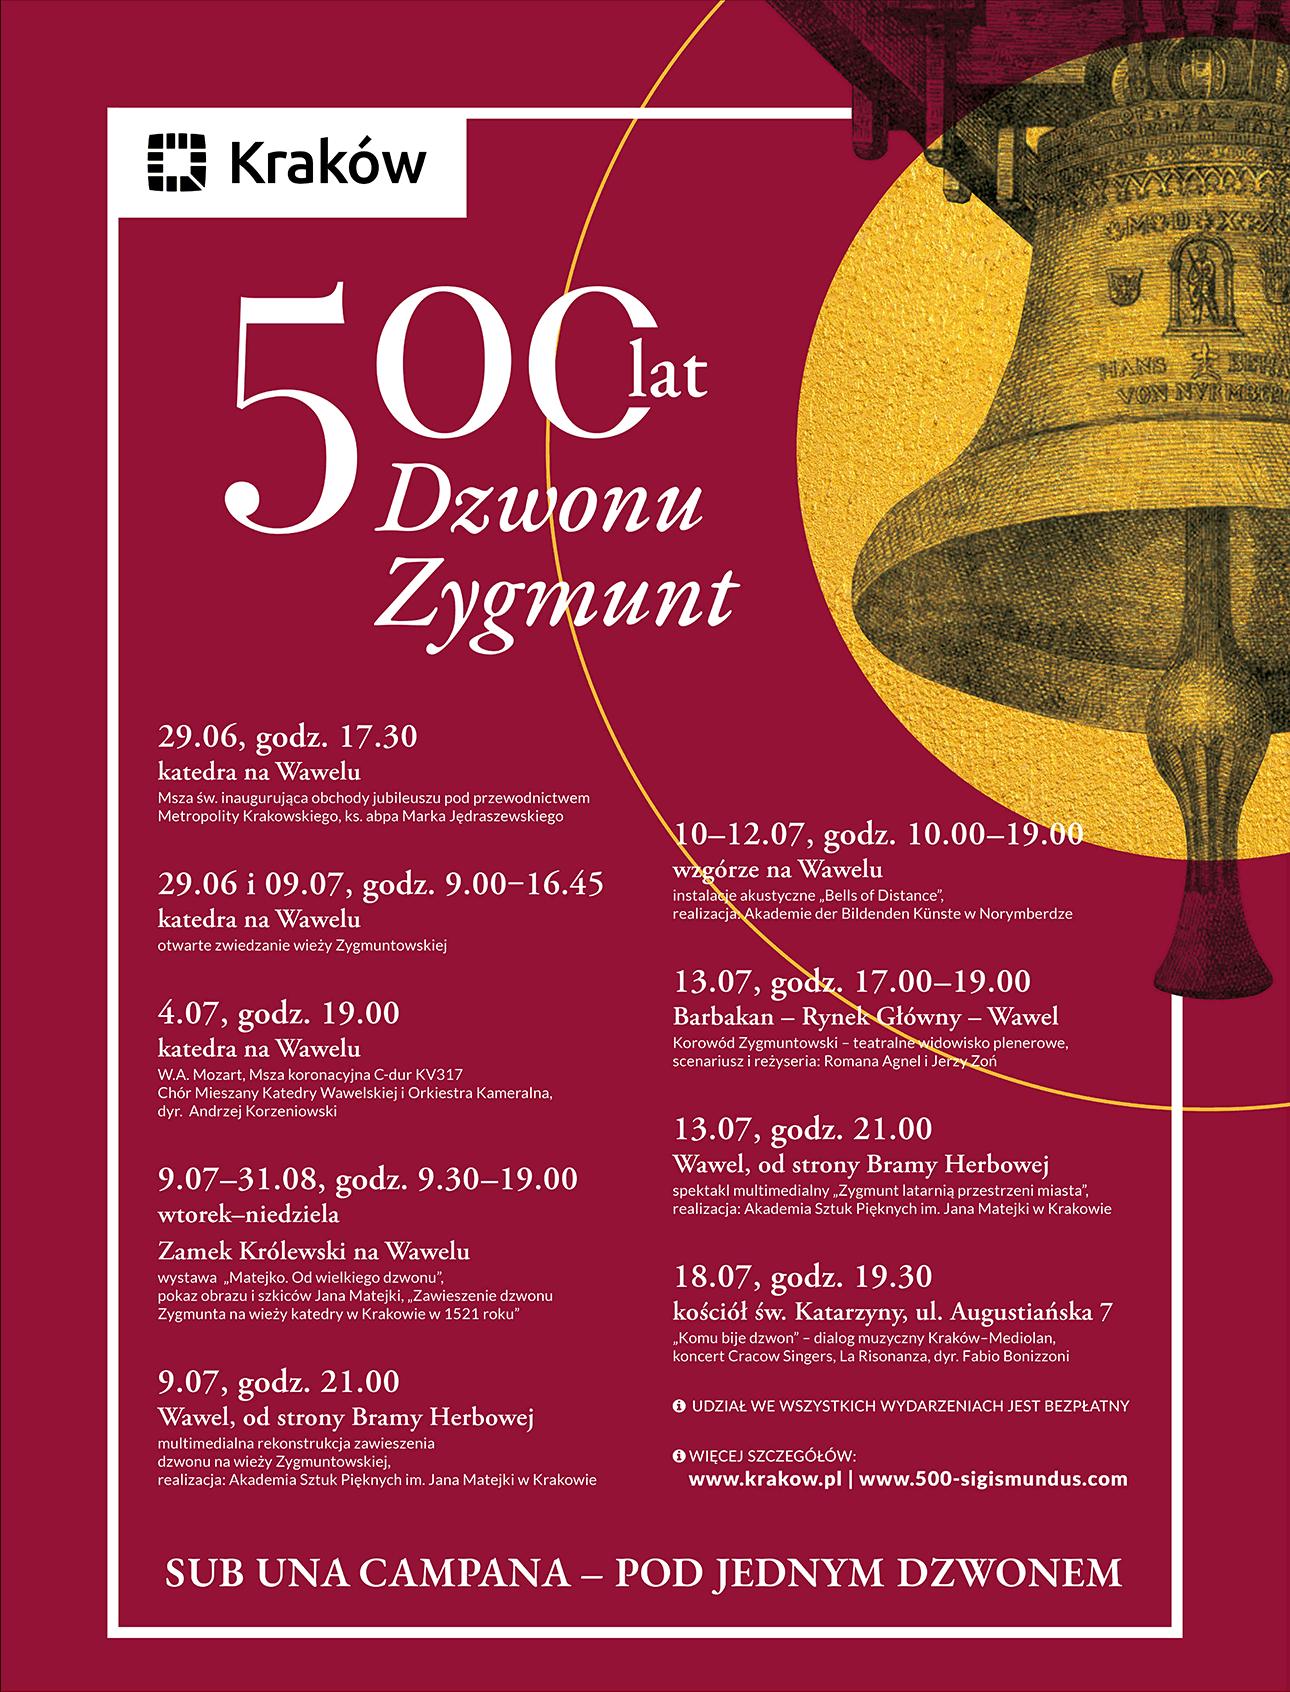 500 lat Dzwonu Zygmunt - afisz zpełnym programem wydarzeń Miasta Kraków